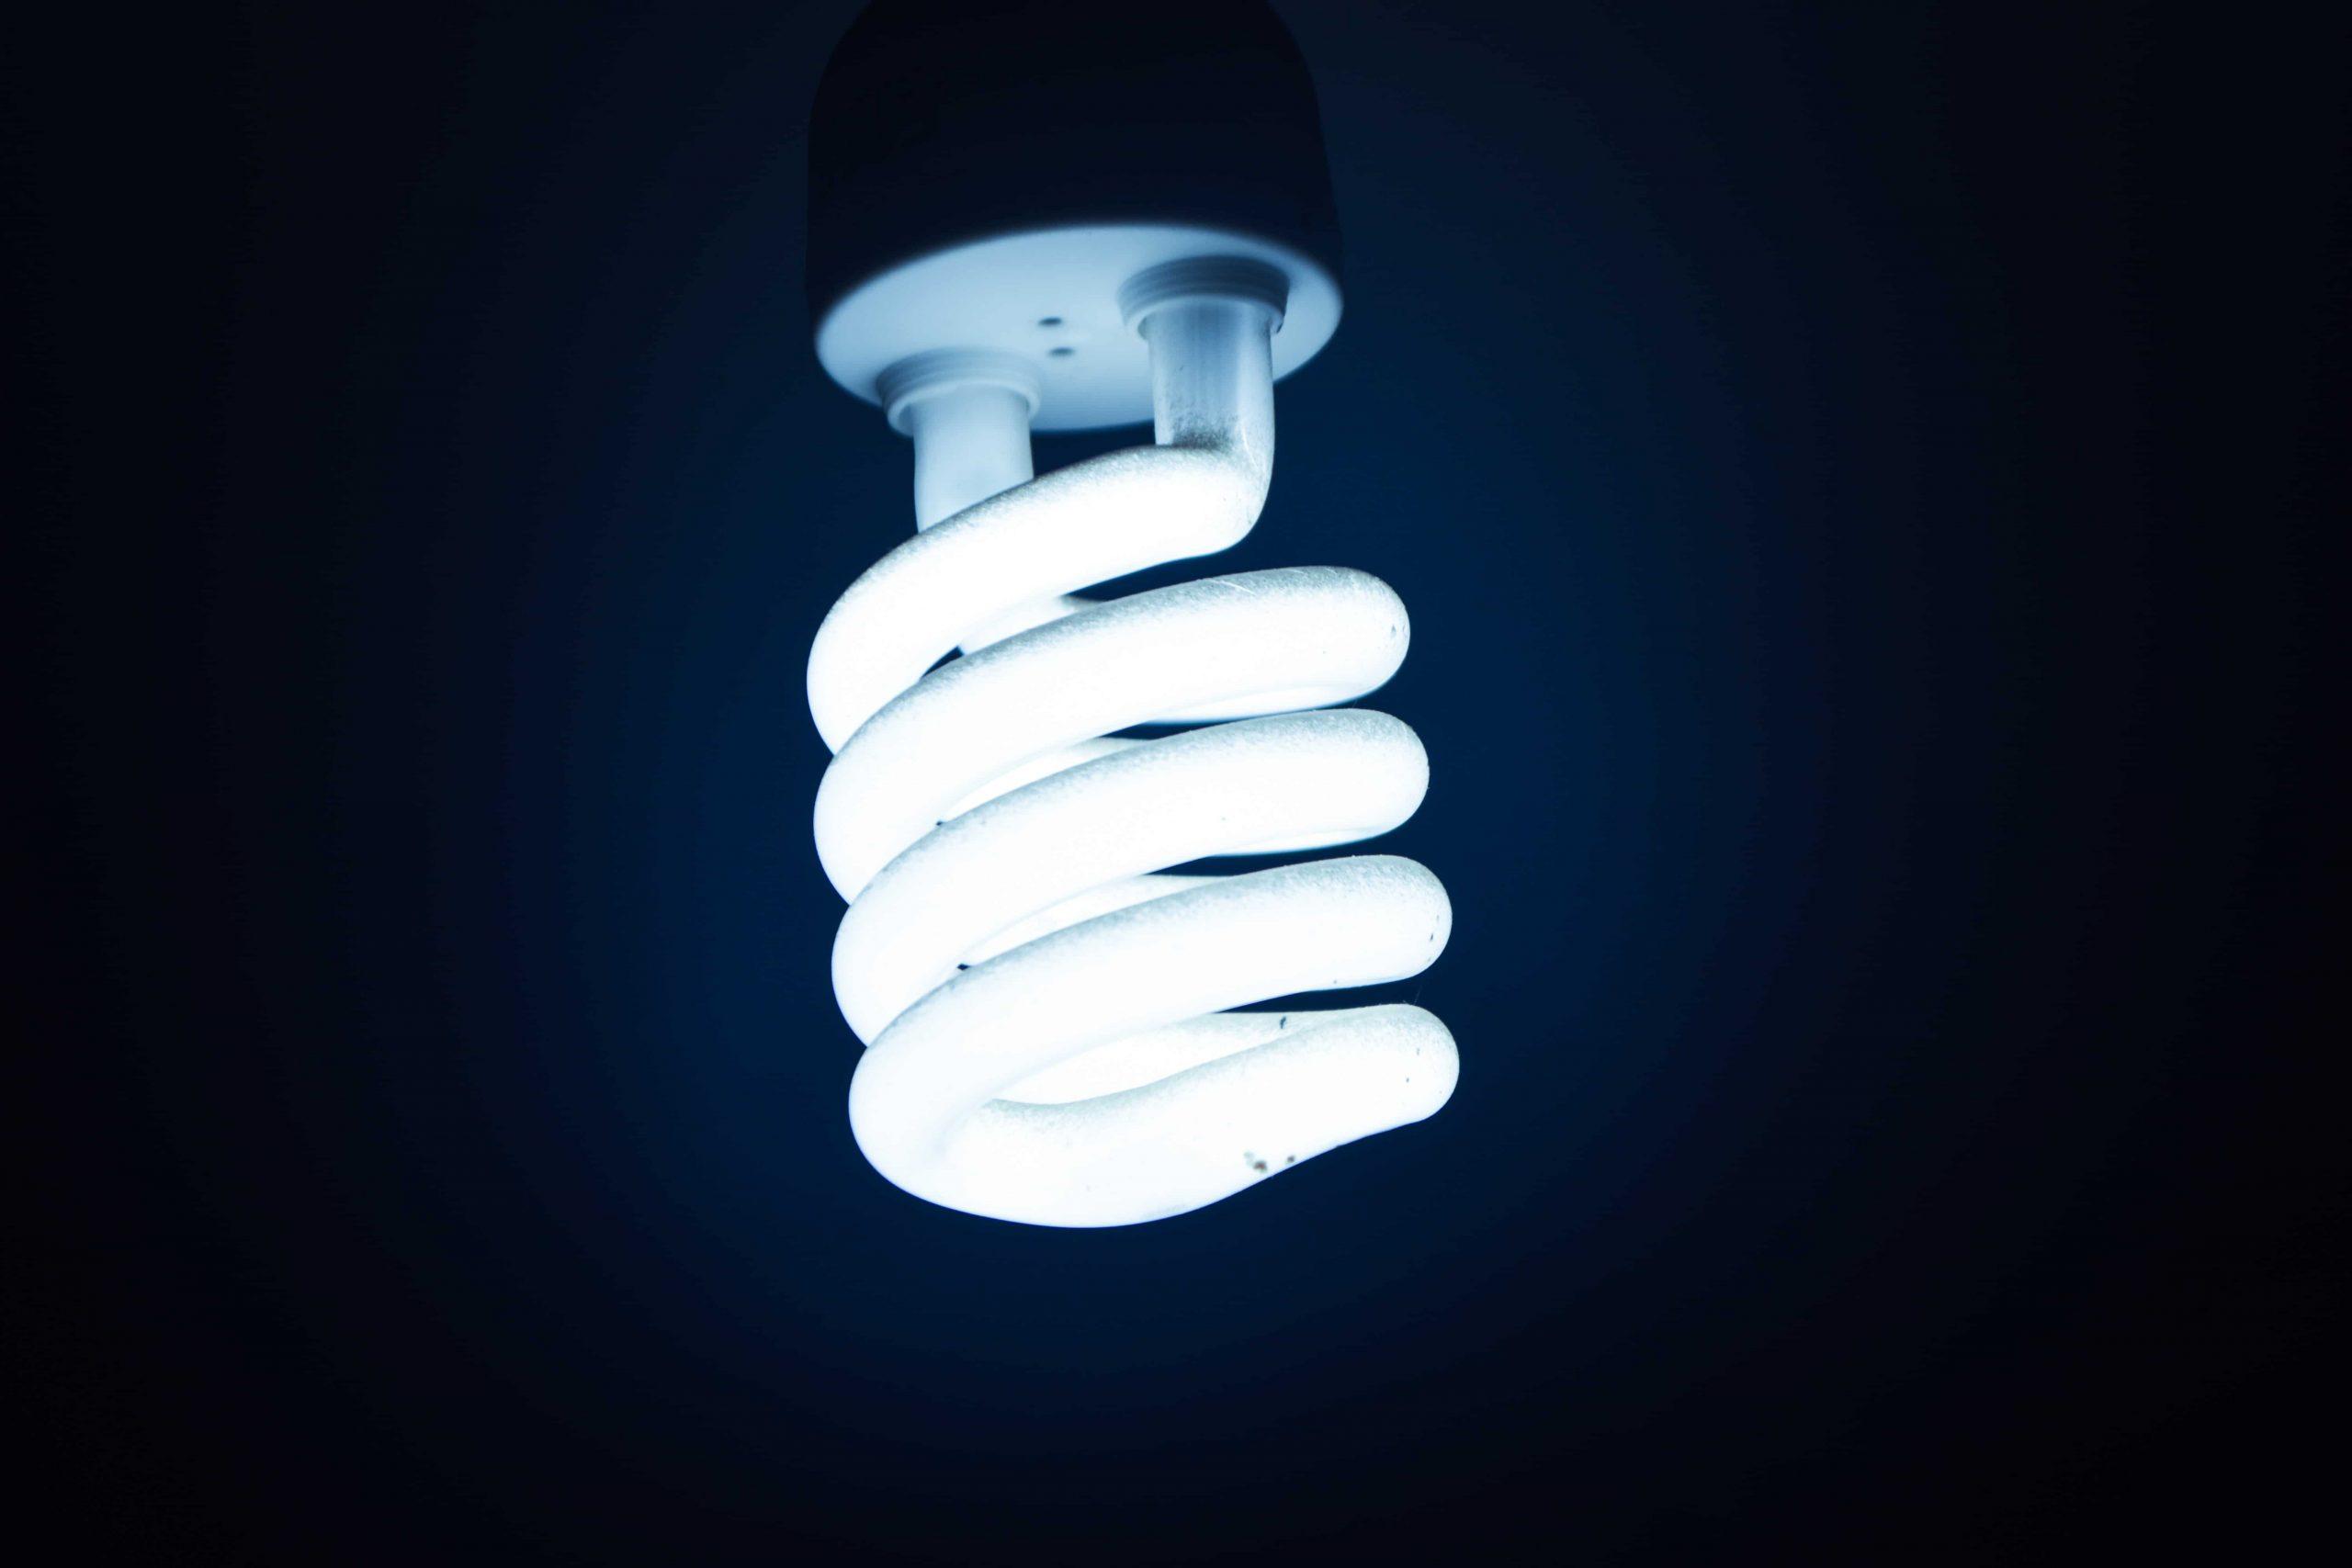 Energiesparlampe: Test & Empfehlungen (11/20)